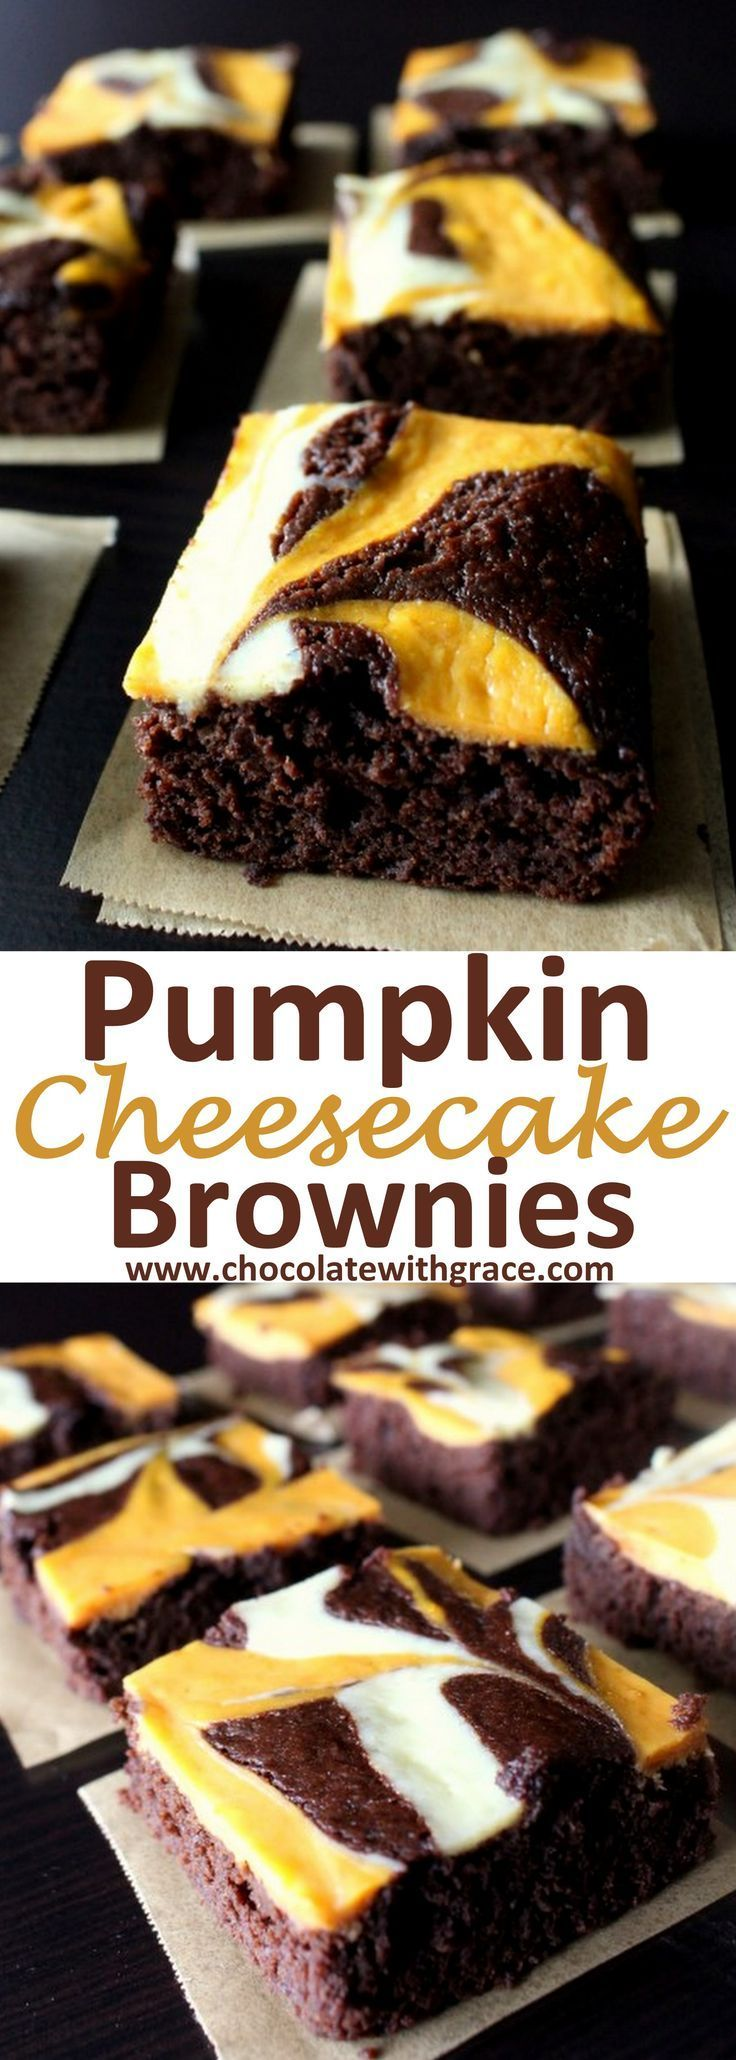 Pumpkin Cheesecake Swirled Brownies l Fall pumpkin recipes | pumpkin desserts | pumpkin brownies #pumpkin #pumpkinbrownies #pumpkinrecipes